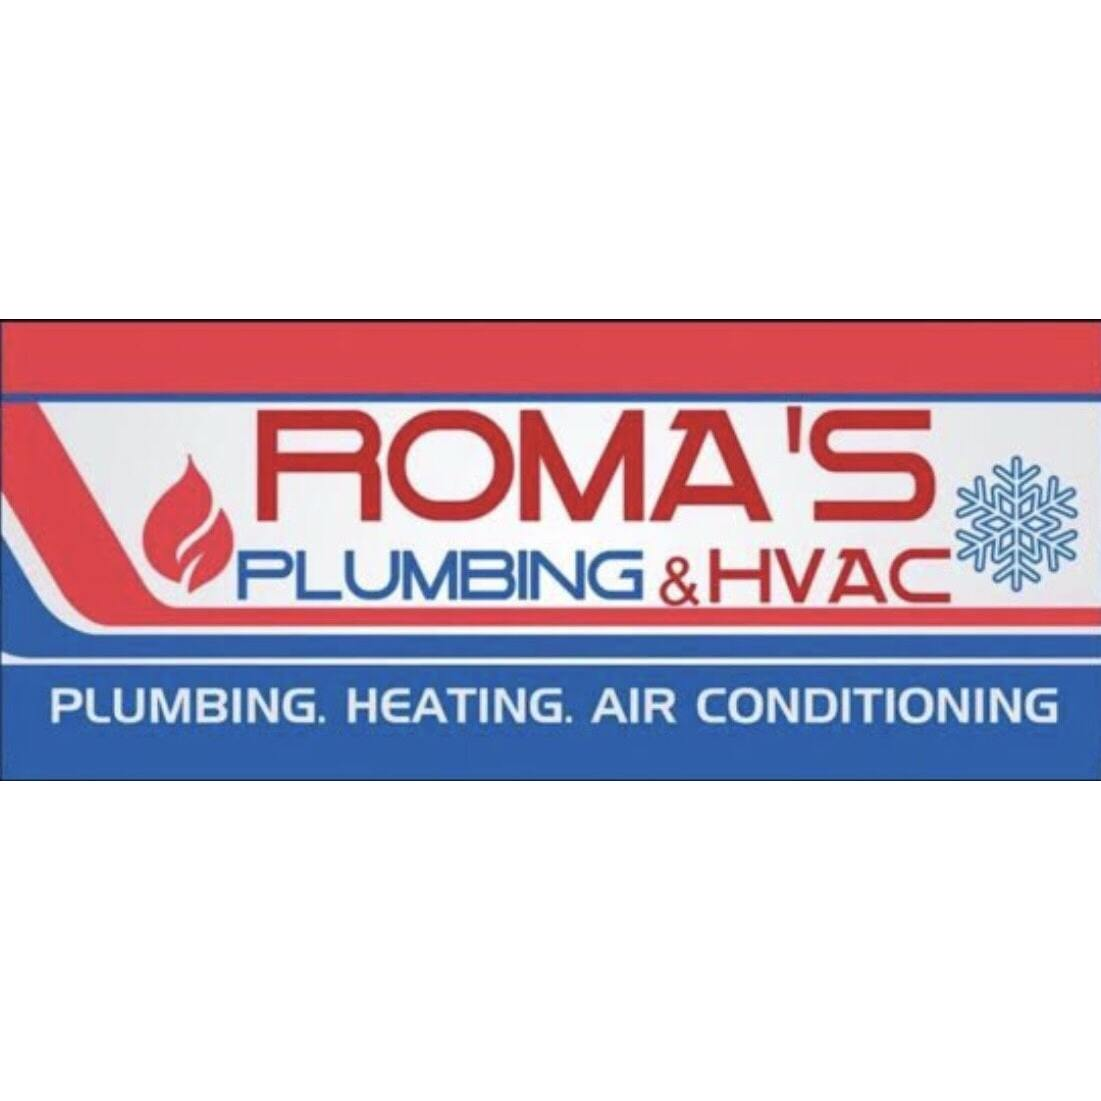 Roma's Plumbing & HVAC